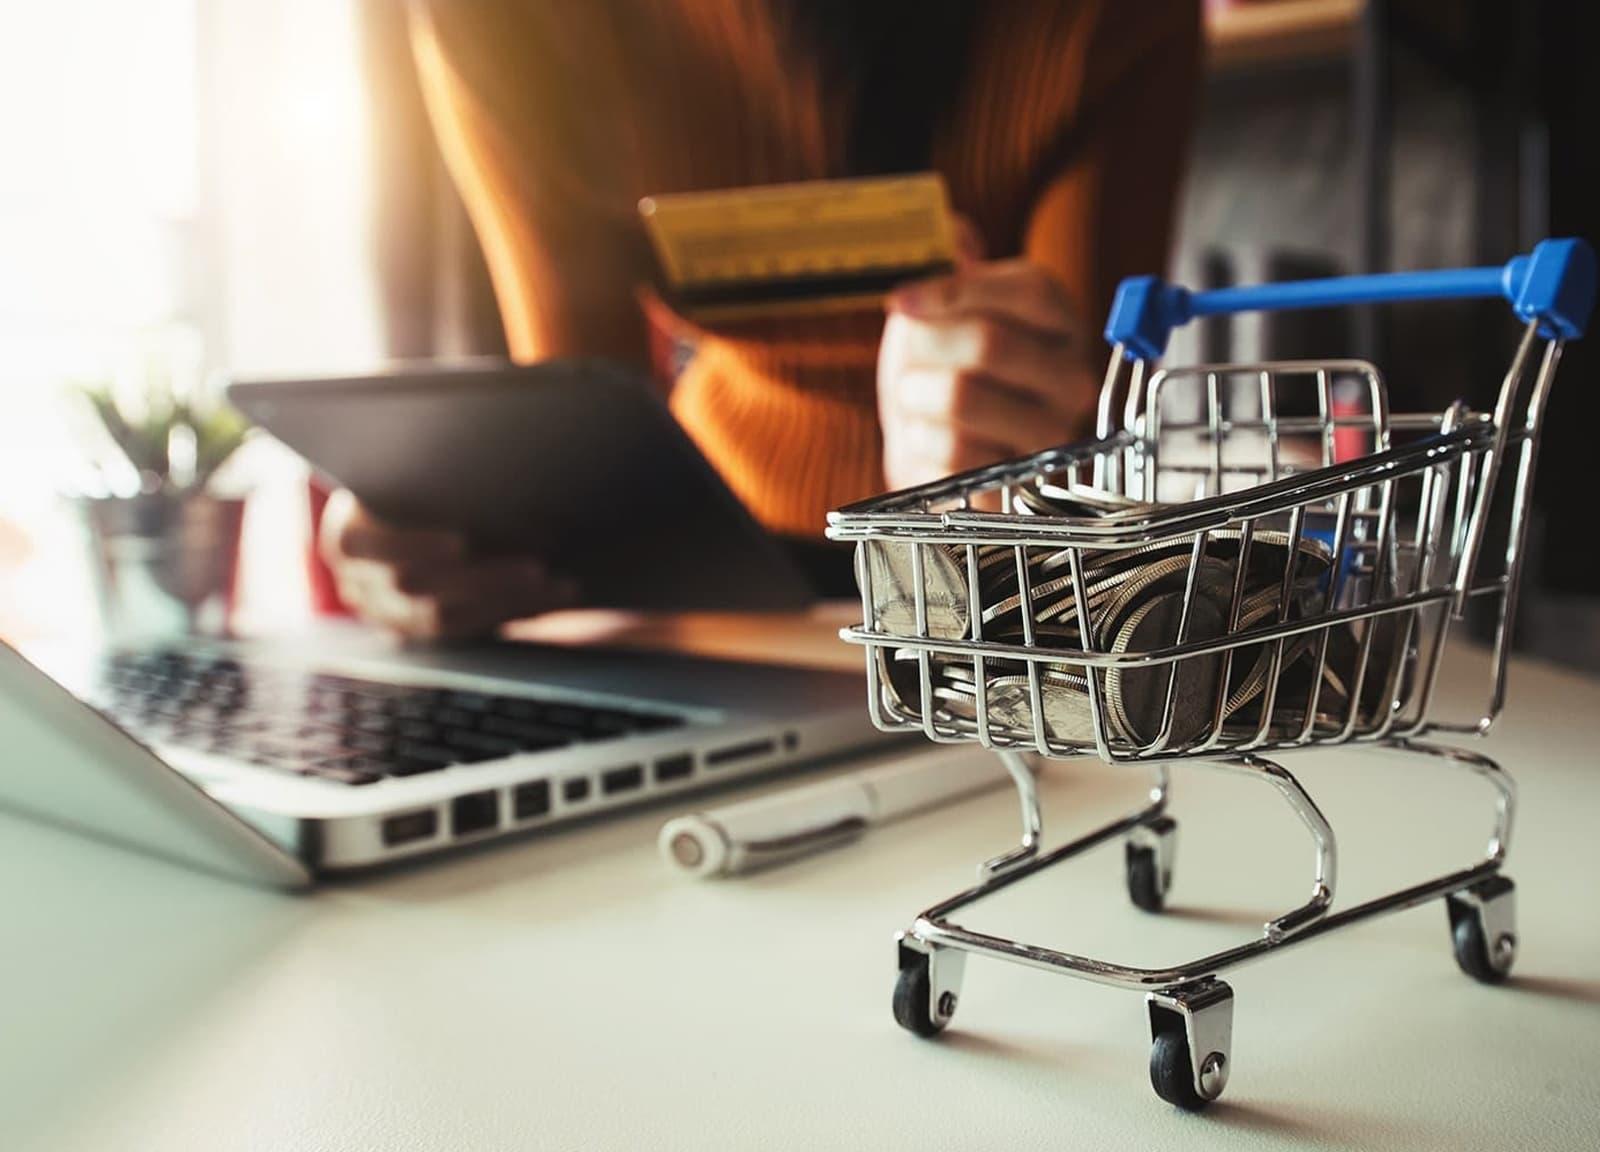 Compra regular na internet é feita por quase 7 a cada 10 brasileiros, diz PwC